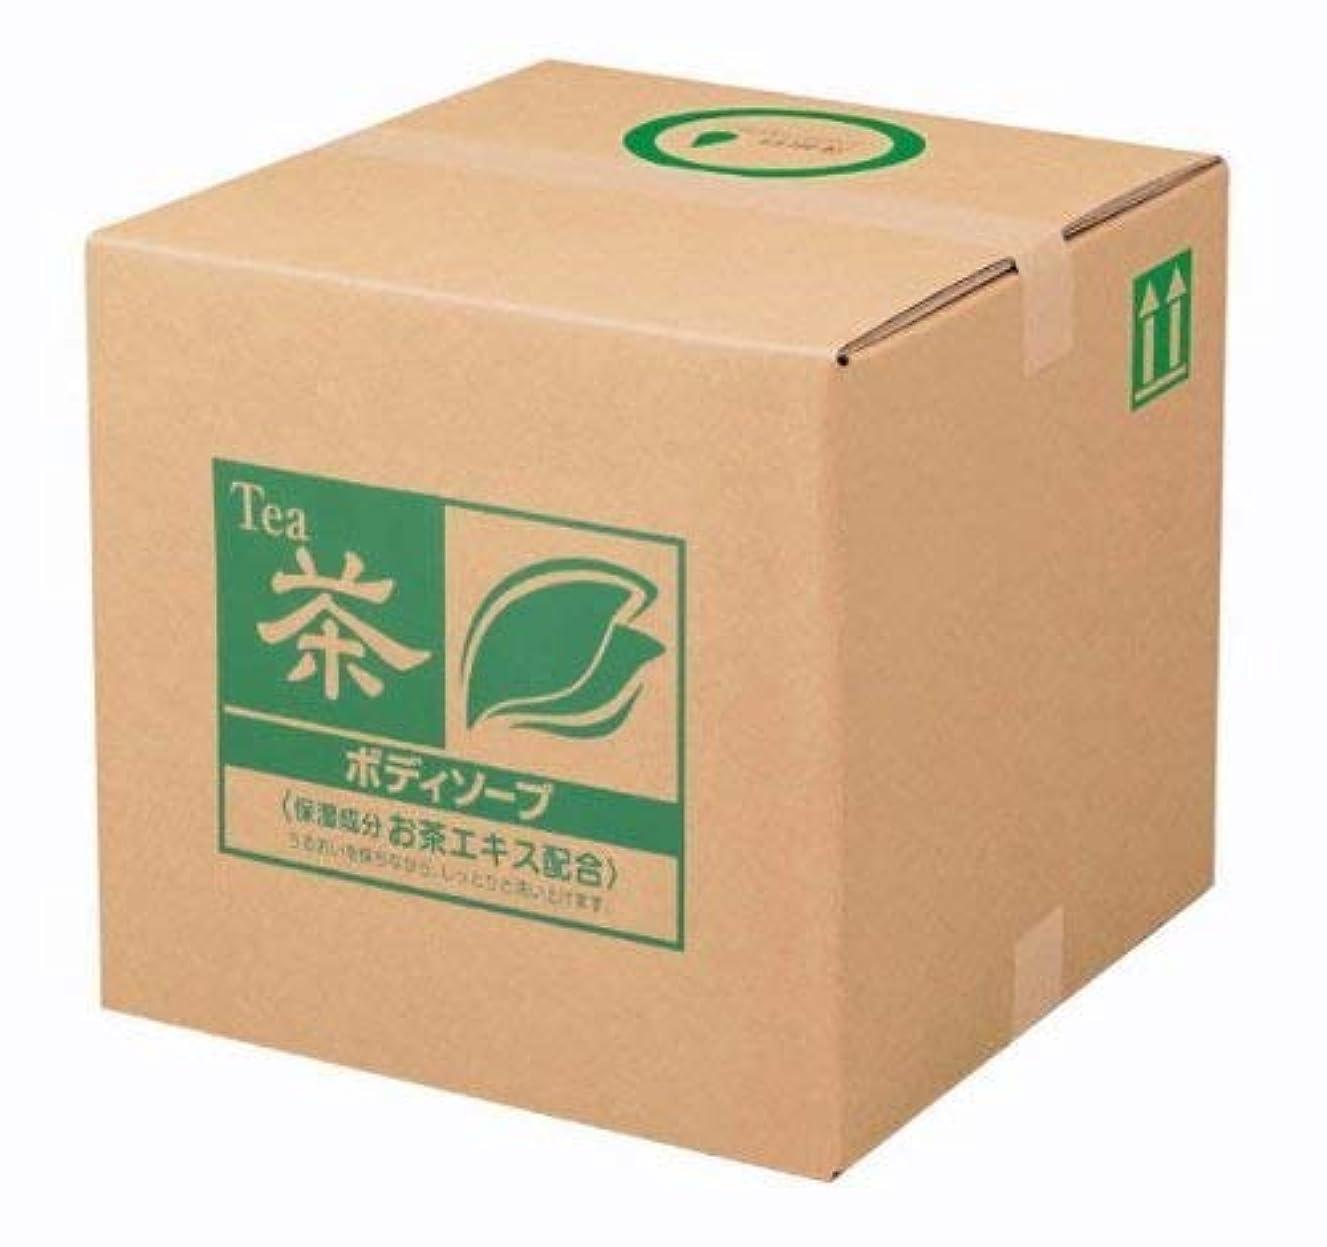 類似性状態盗賊業務用 SCRITT(スクリット) お茶 ボディソープ 18L 熊野油脂 (コック付き)